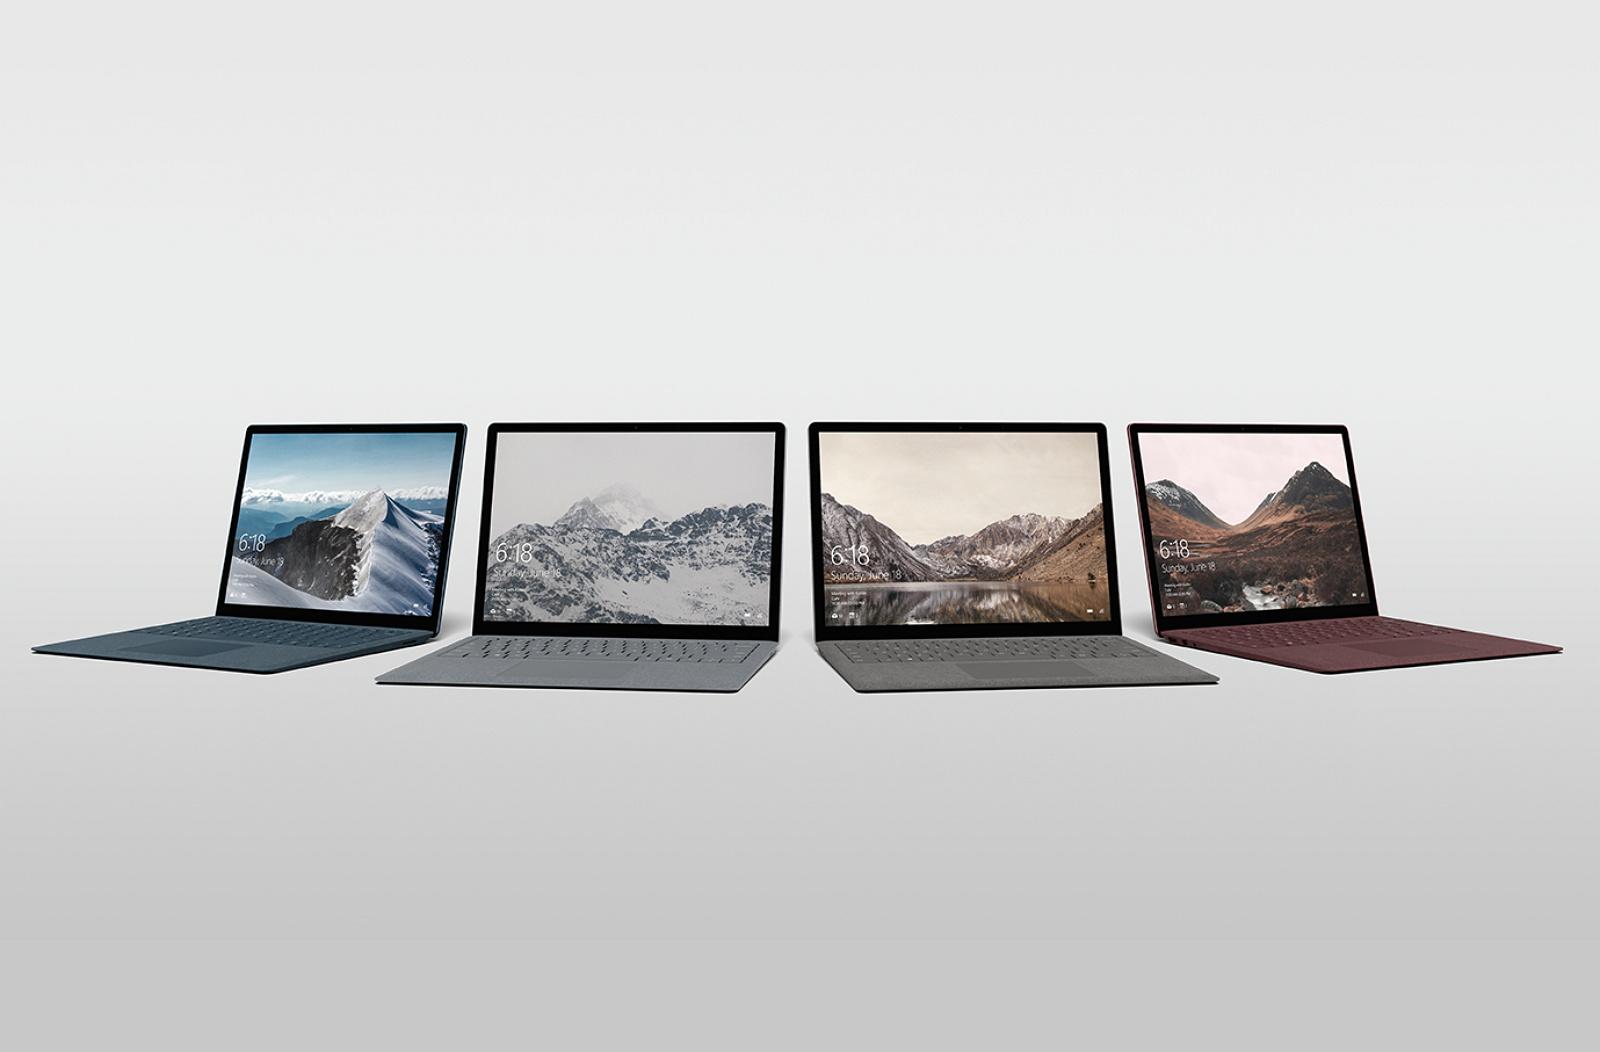 Surface Laptop four colors